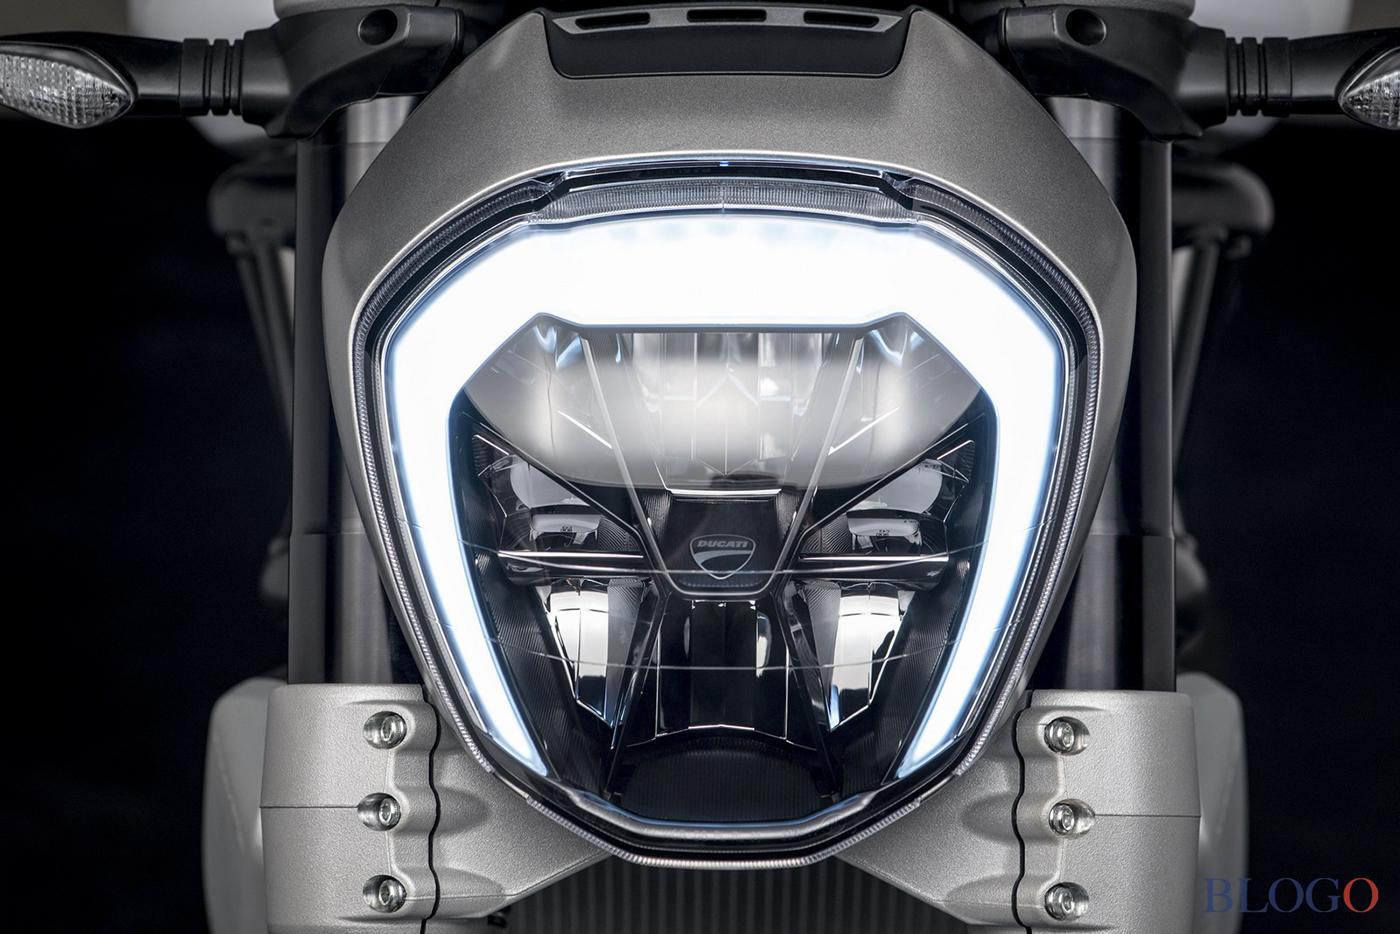 Ra mắt Ducati XDiavel S phiên bản Tảng băng trôi - ảnh 8